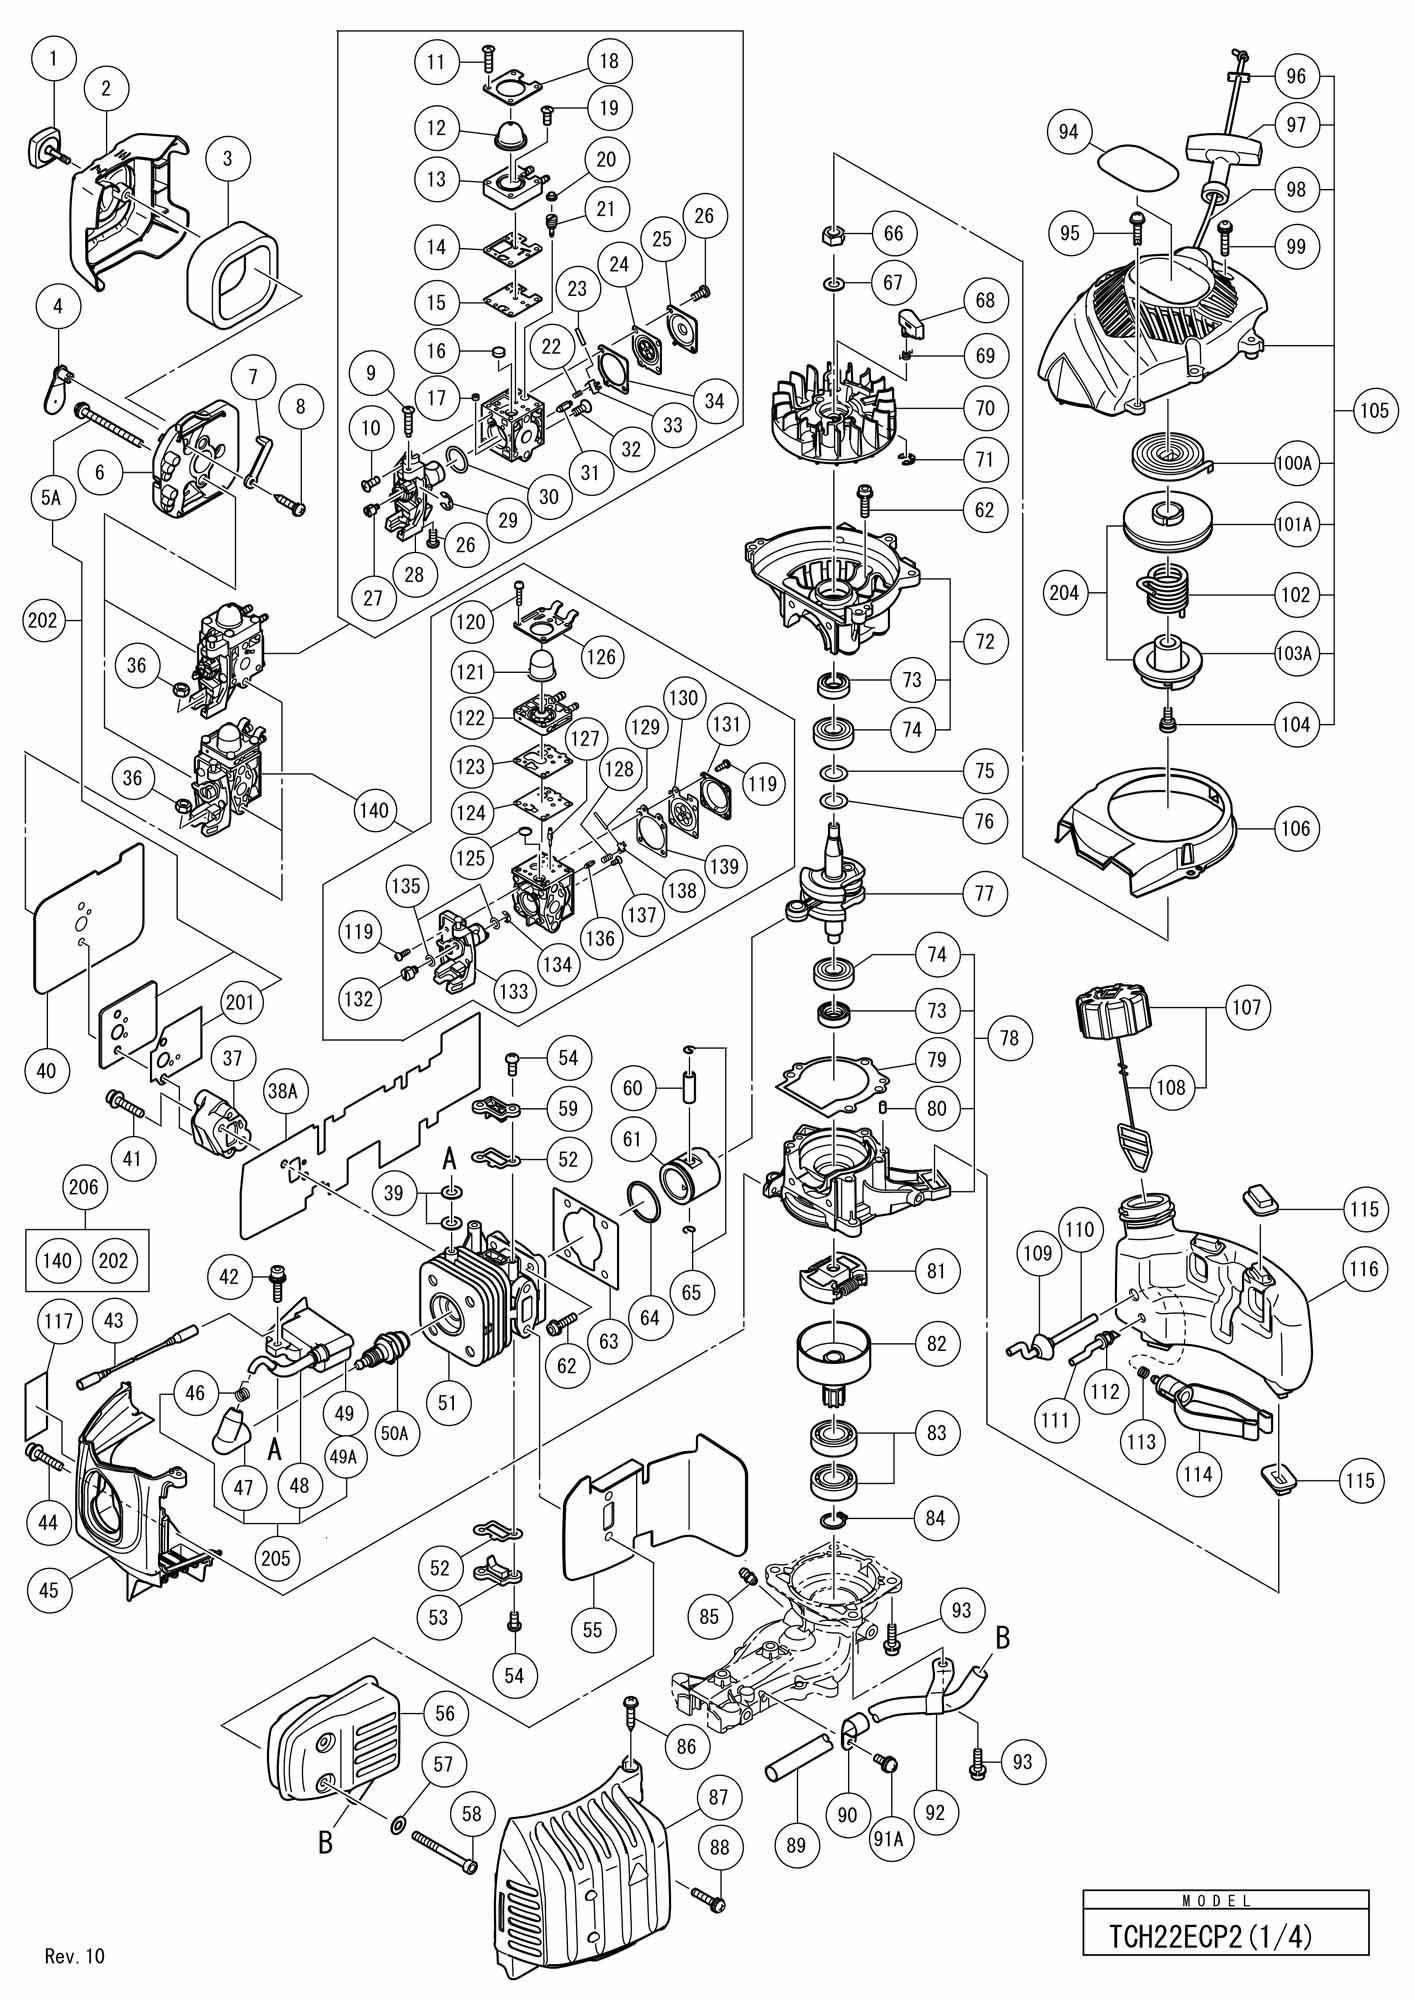 Hitachi Engine Hedge Trimmer Tch 22ecp2 SPARE_TCH22ECP2